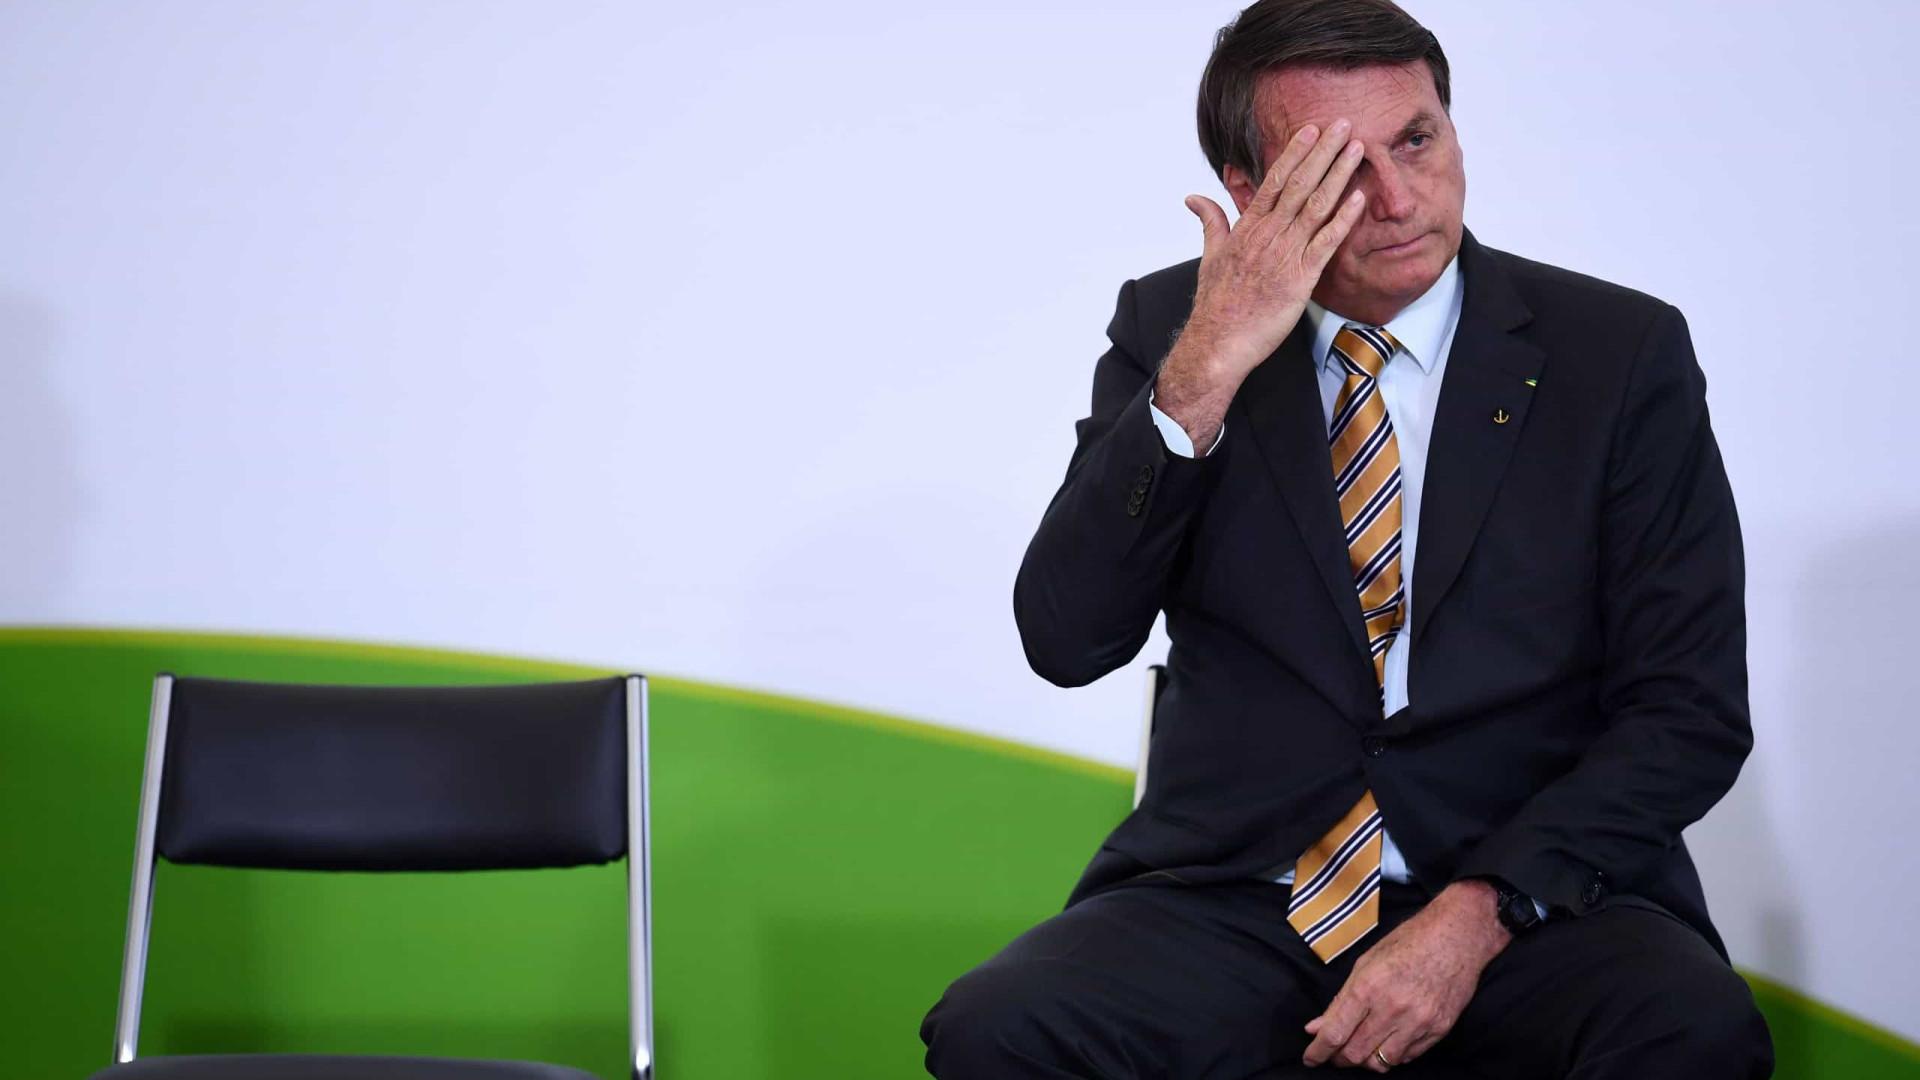 Erro hospitalar expôs dados de Bolsonaro e de 16 milhões de pacientes